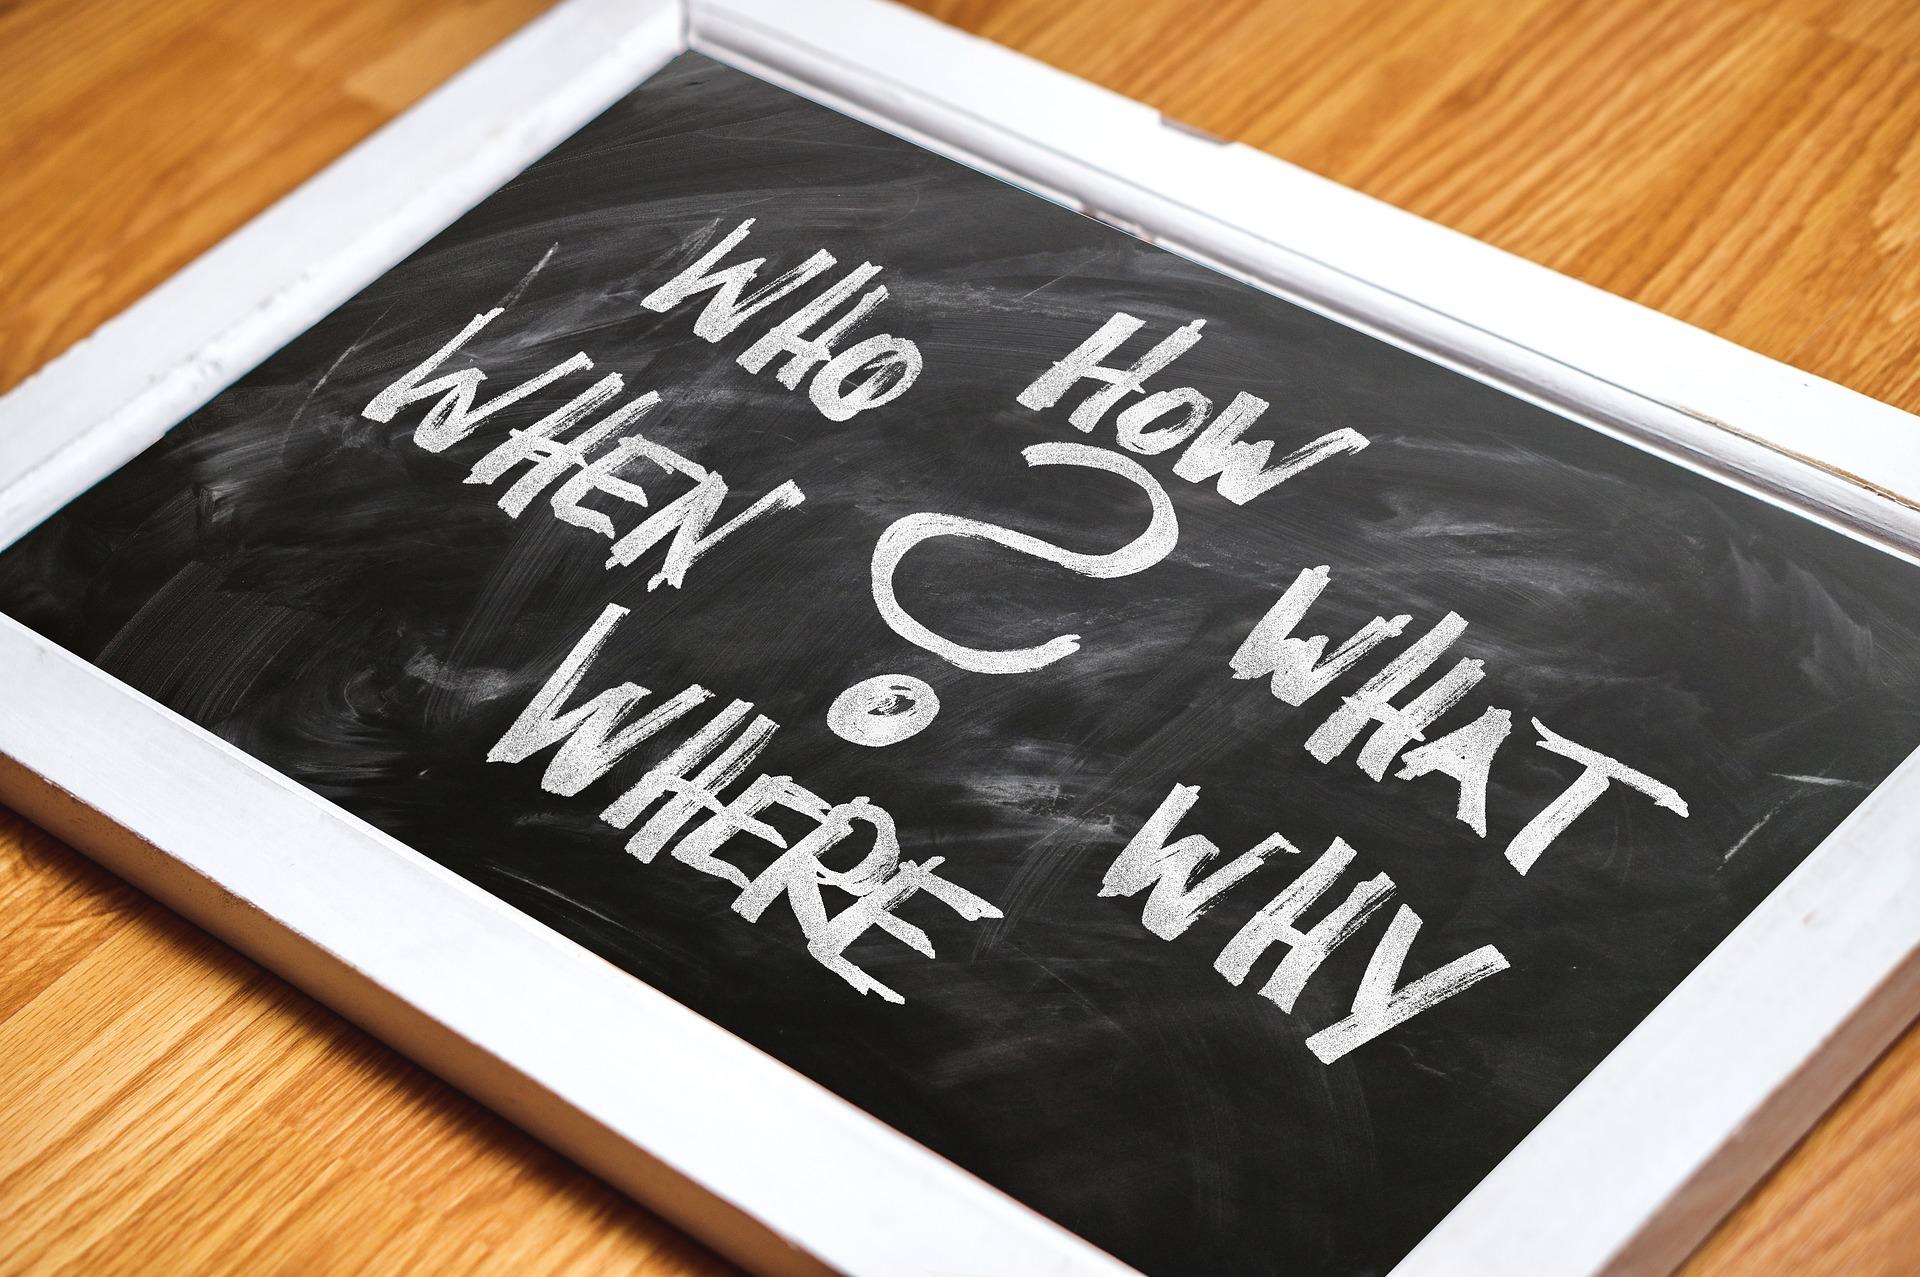 「何か質問ありますか?」面接最後の逆質問?内定獲得に近づける2つのやり方